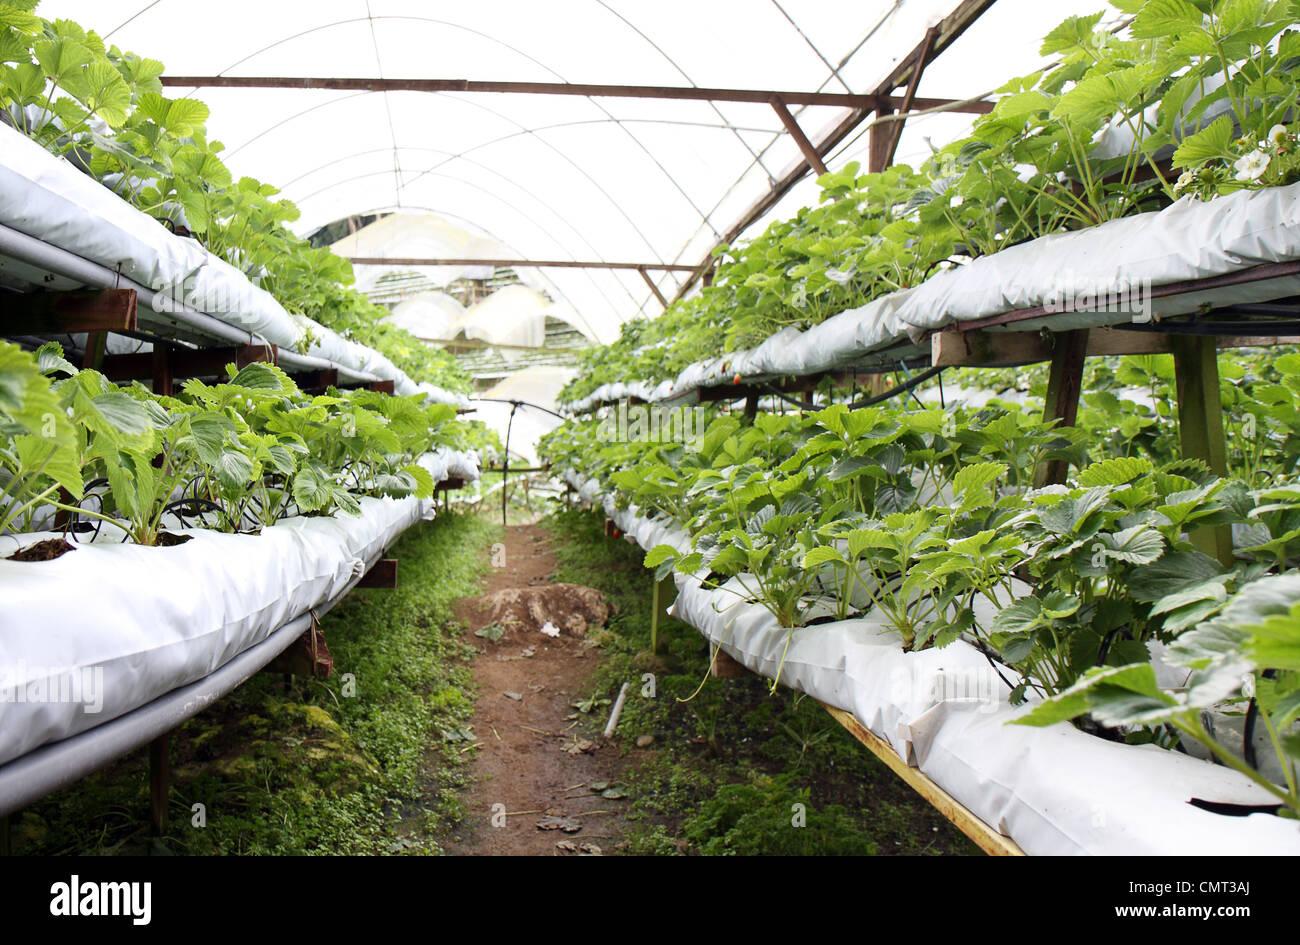 Zeilen und Stapel von Erdbeerpflanzen in einem Gewächshaus auf der Erdbeerfarm. Stockbild